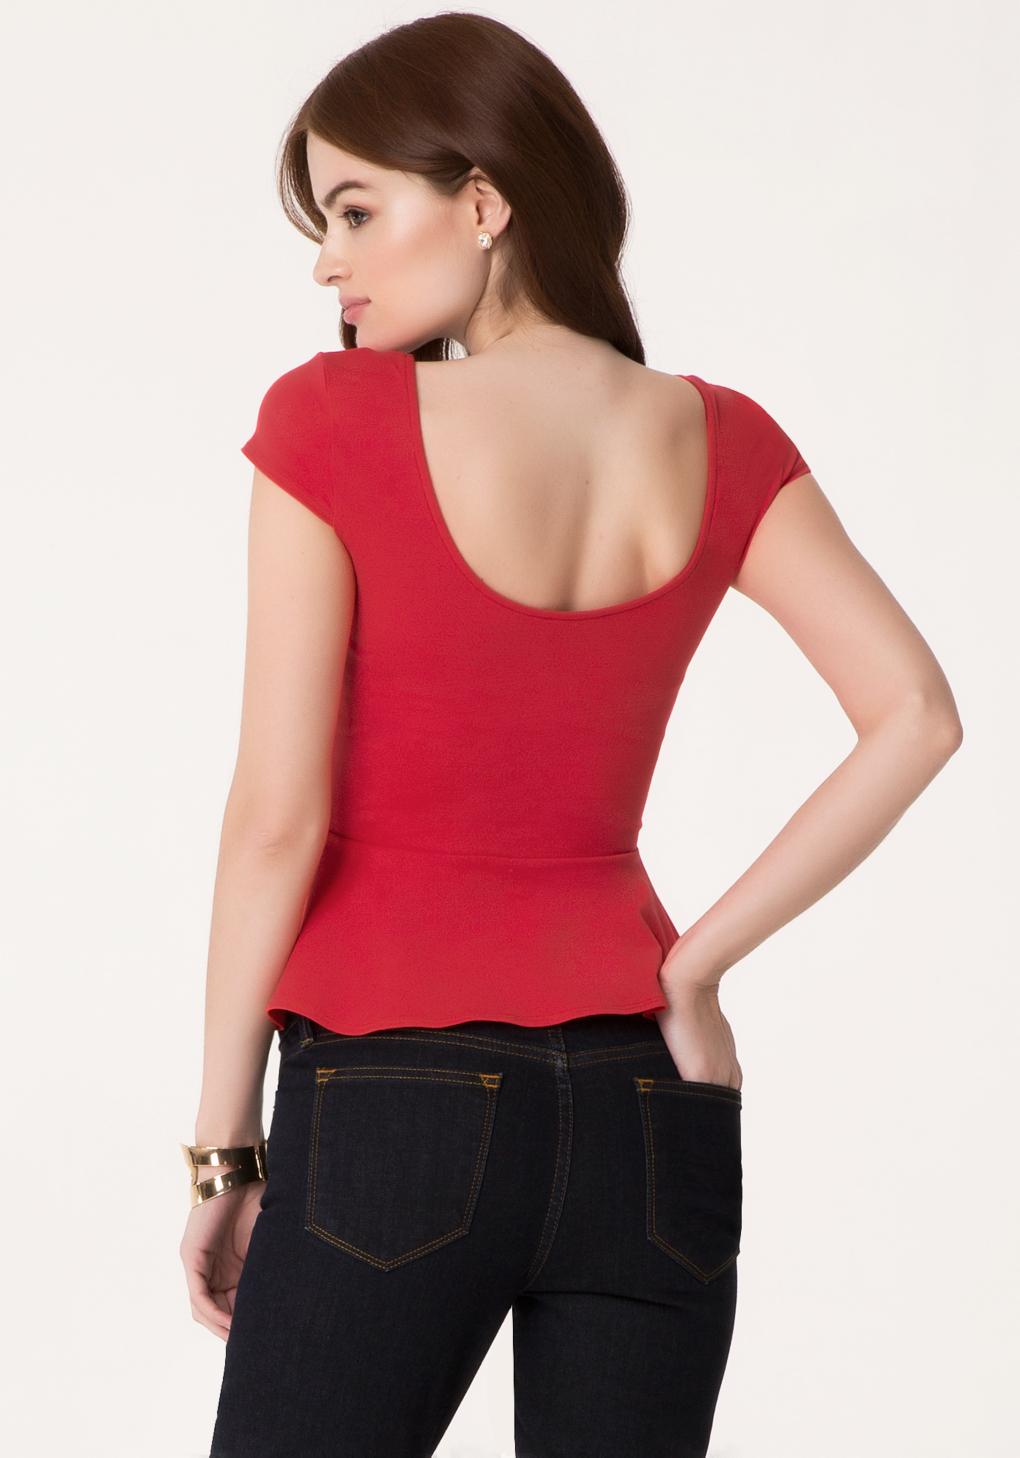 Lyst - Bebe Cap Sleeve Peplum Top in Red